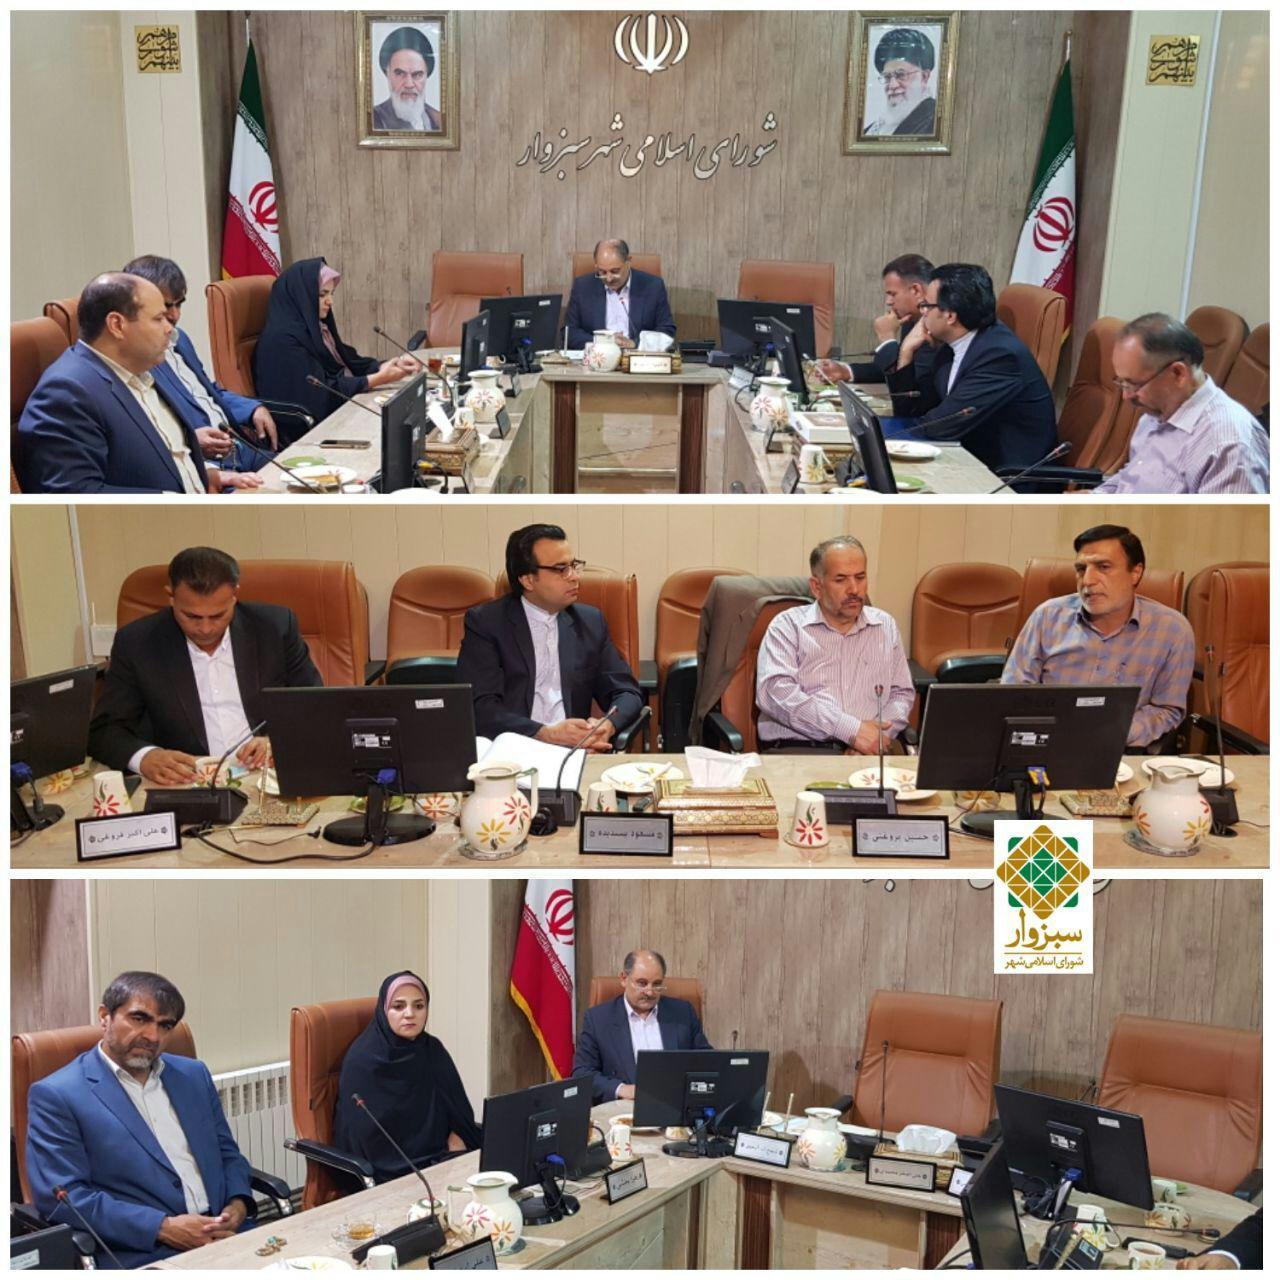 استعفای رئیس شورای شهر سبزوار در هالهای از ابهام